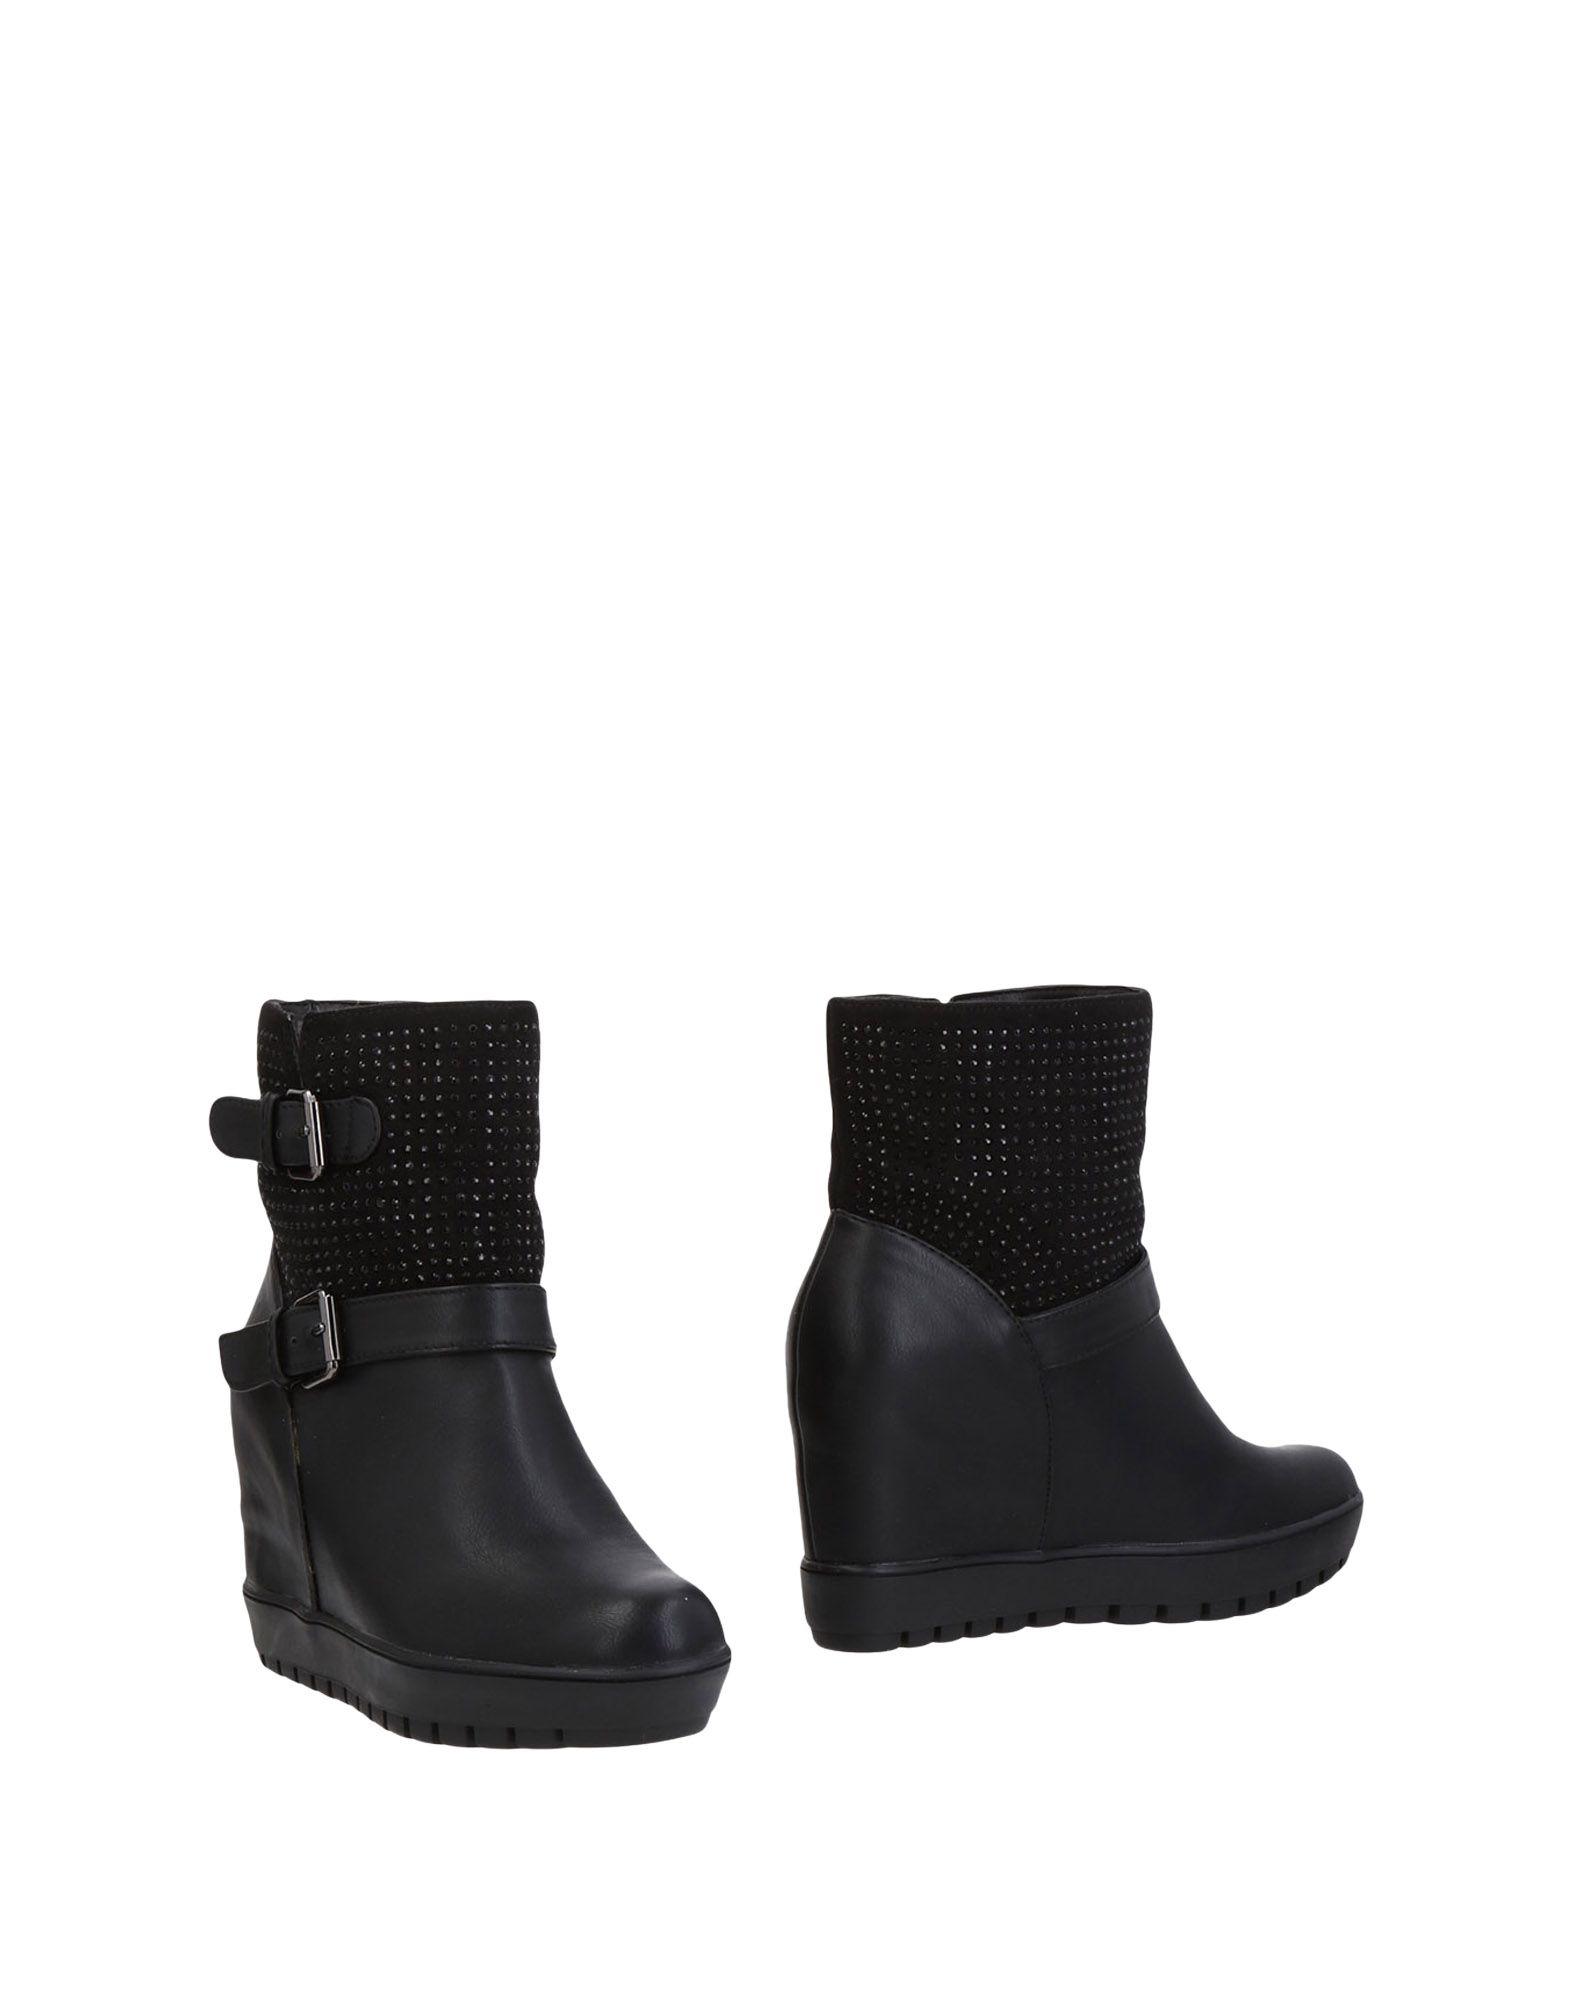 Francesco Milano Stiefelette Damen  11464821VO Gute Qualität beliebte Schuhe